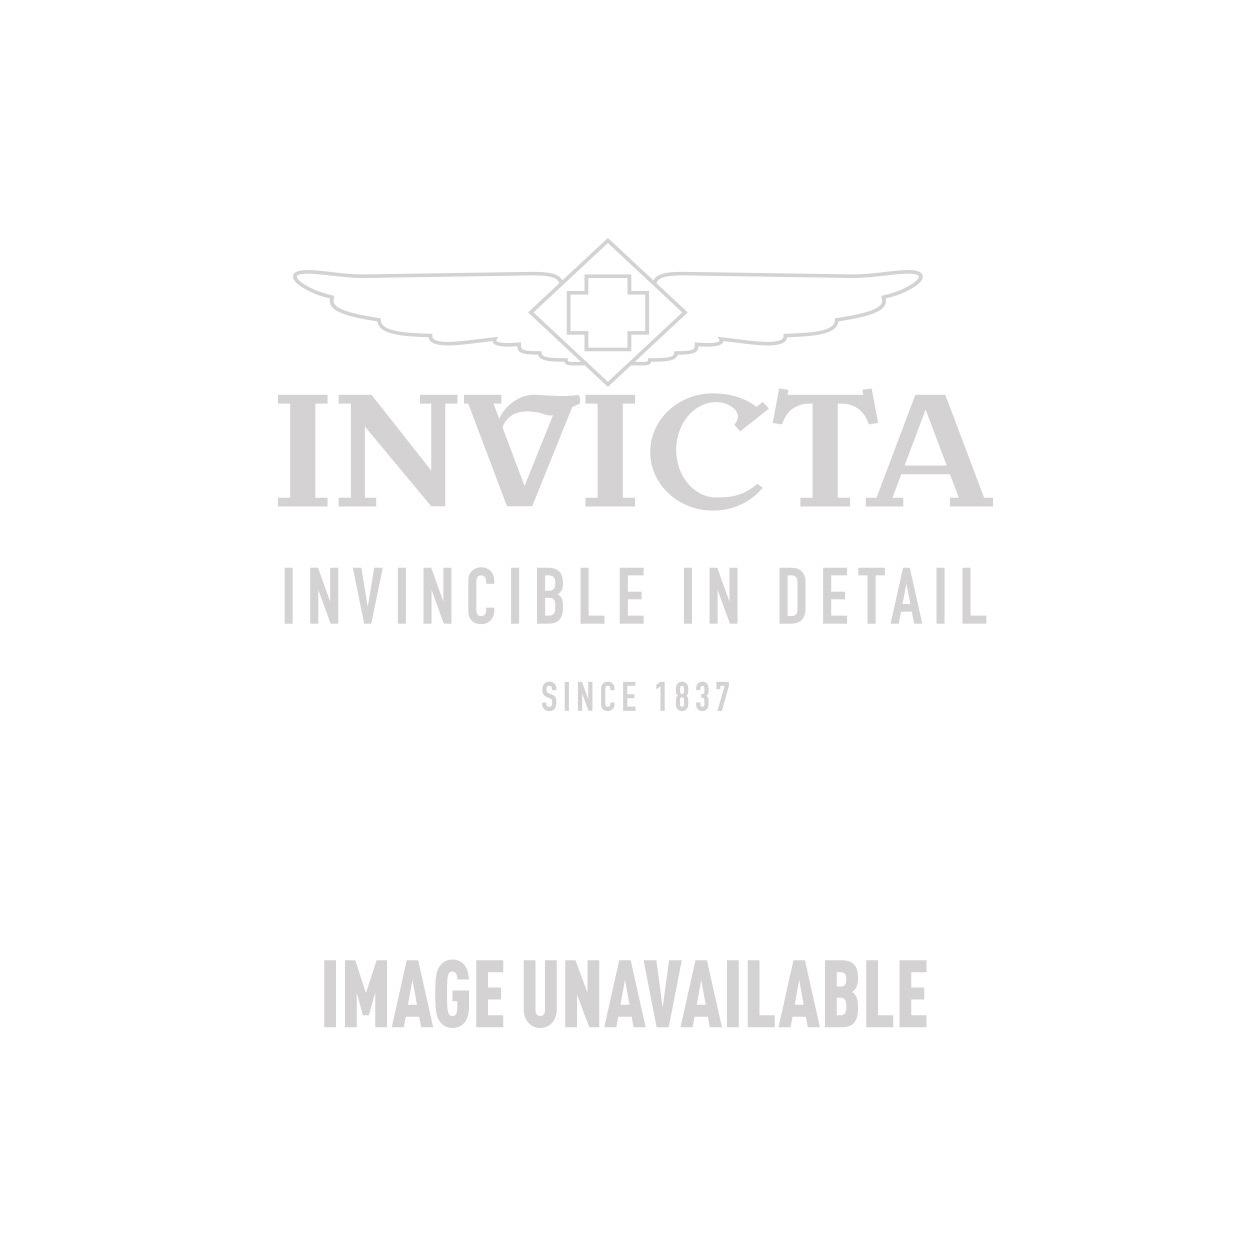 Invicta Model 27653